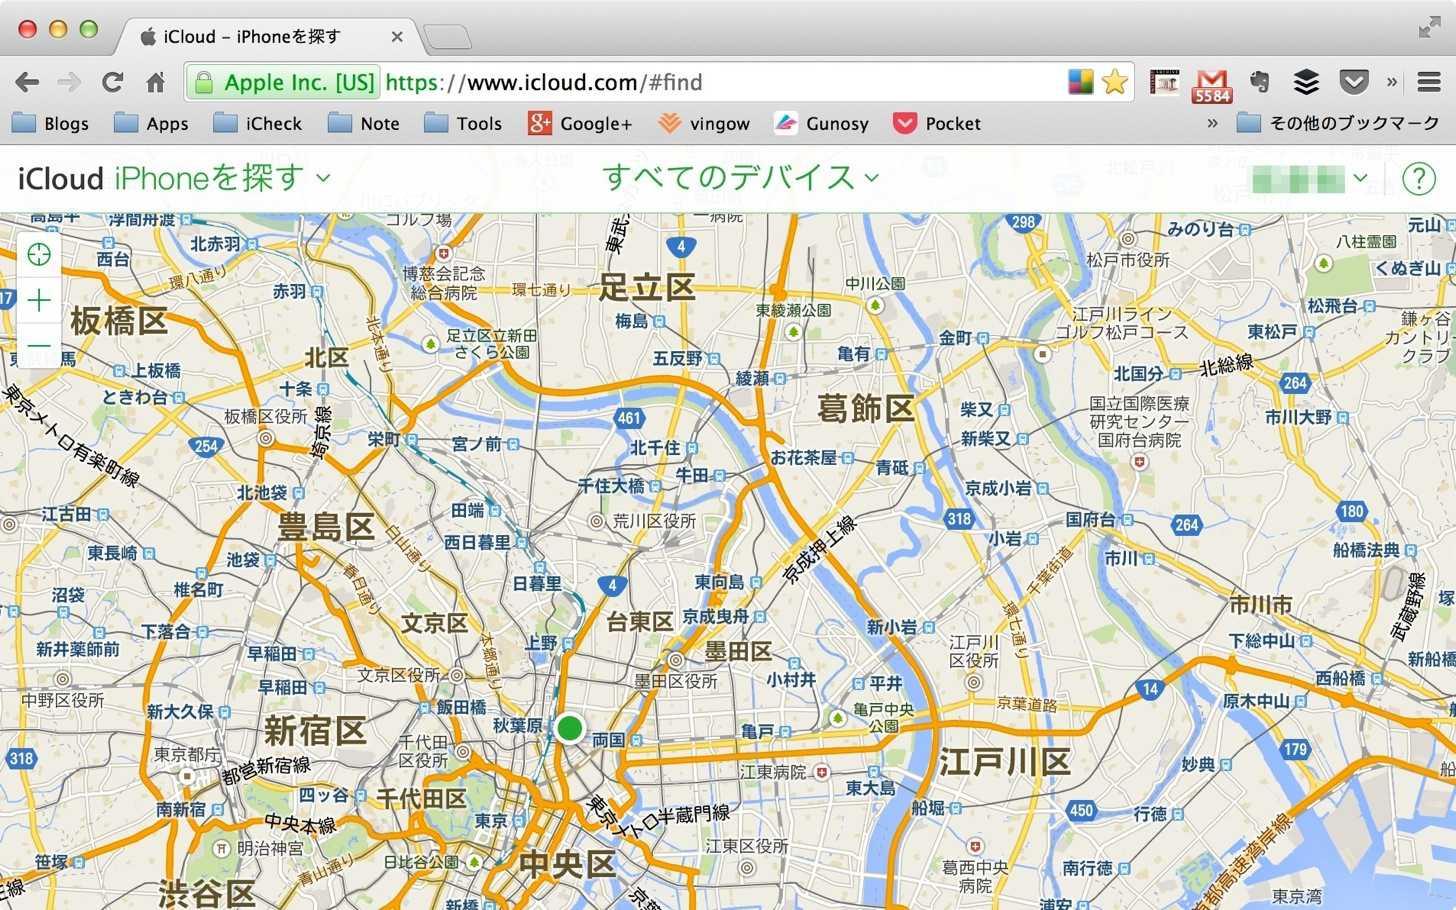 iCloud iPhoneを探す